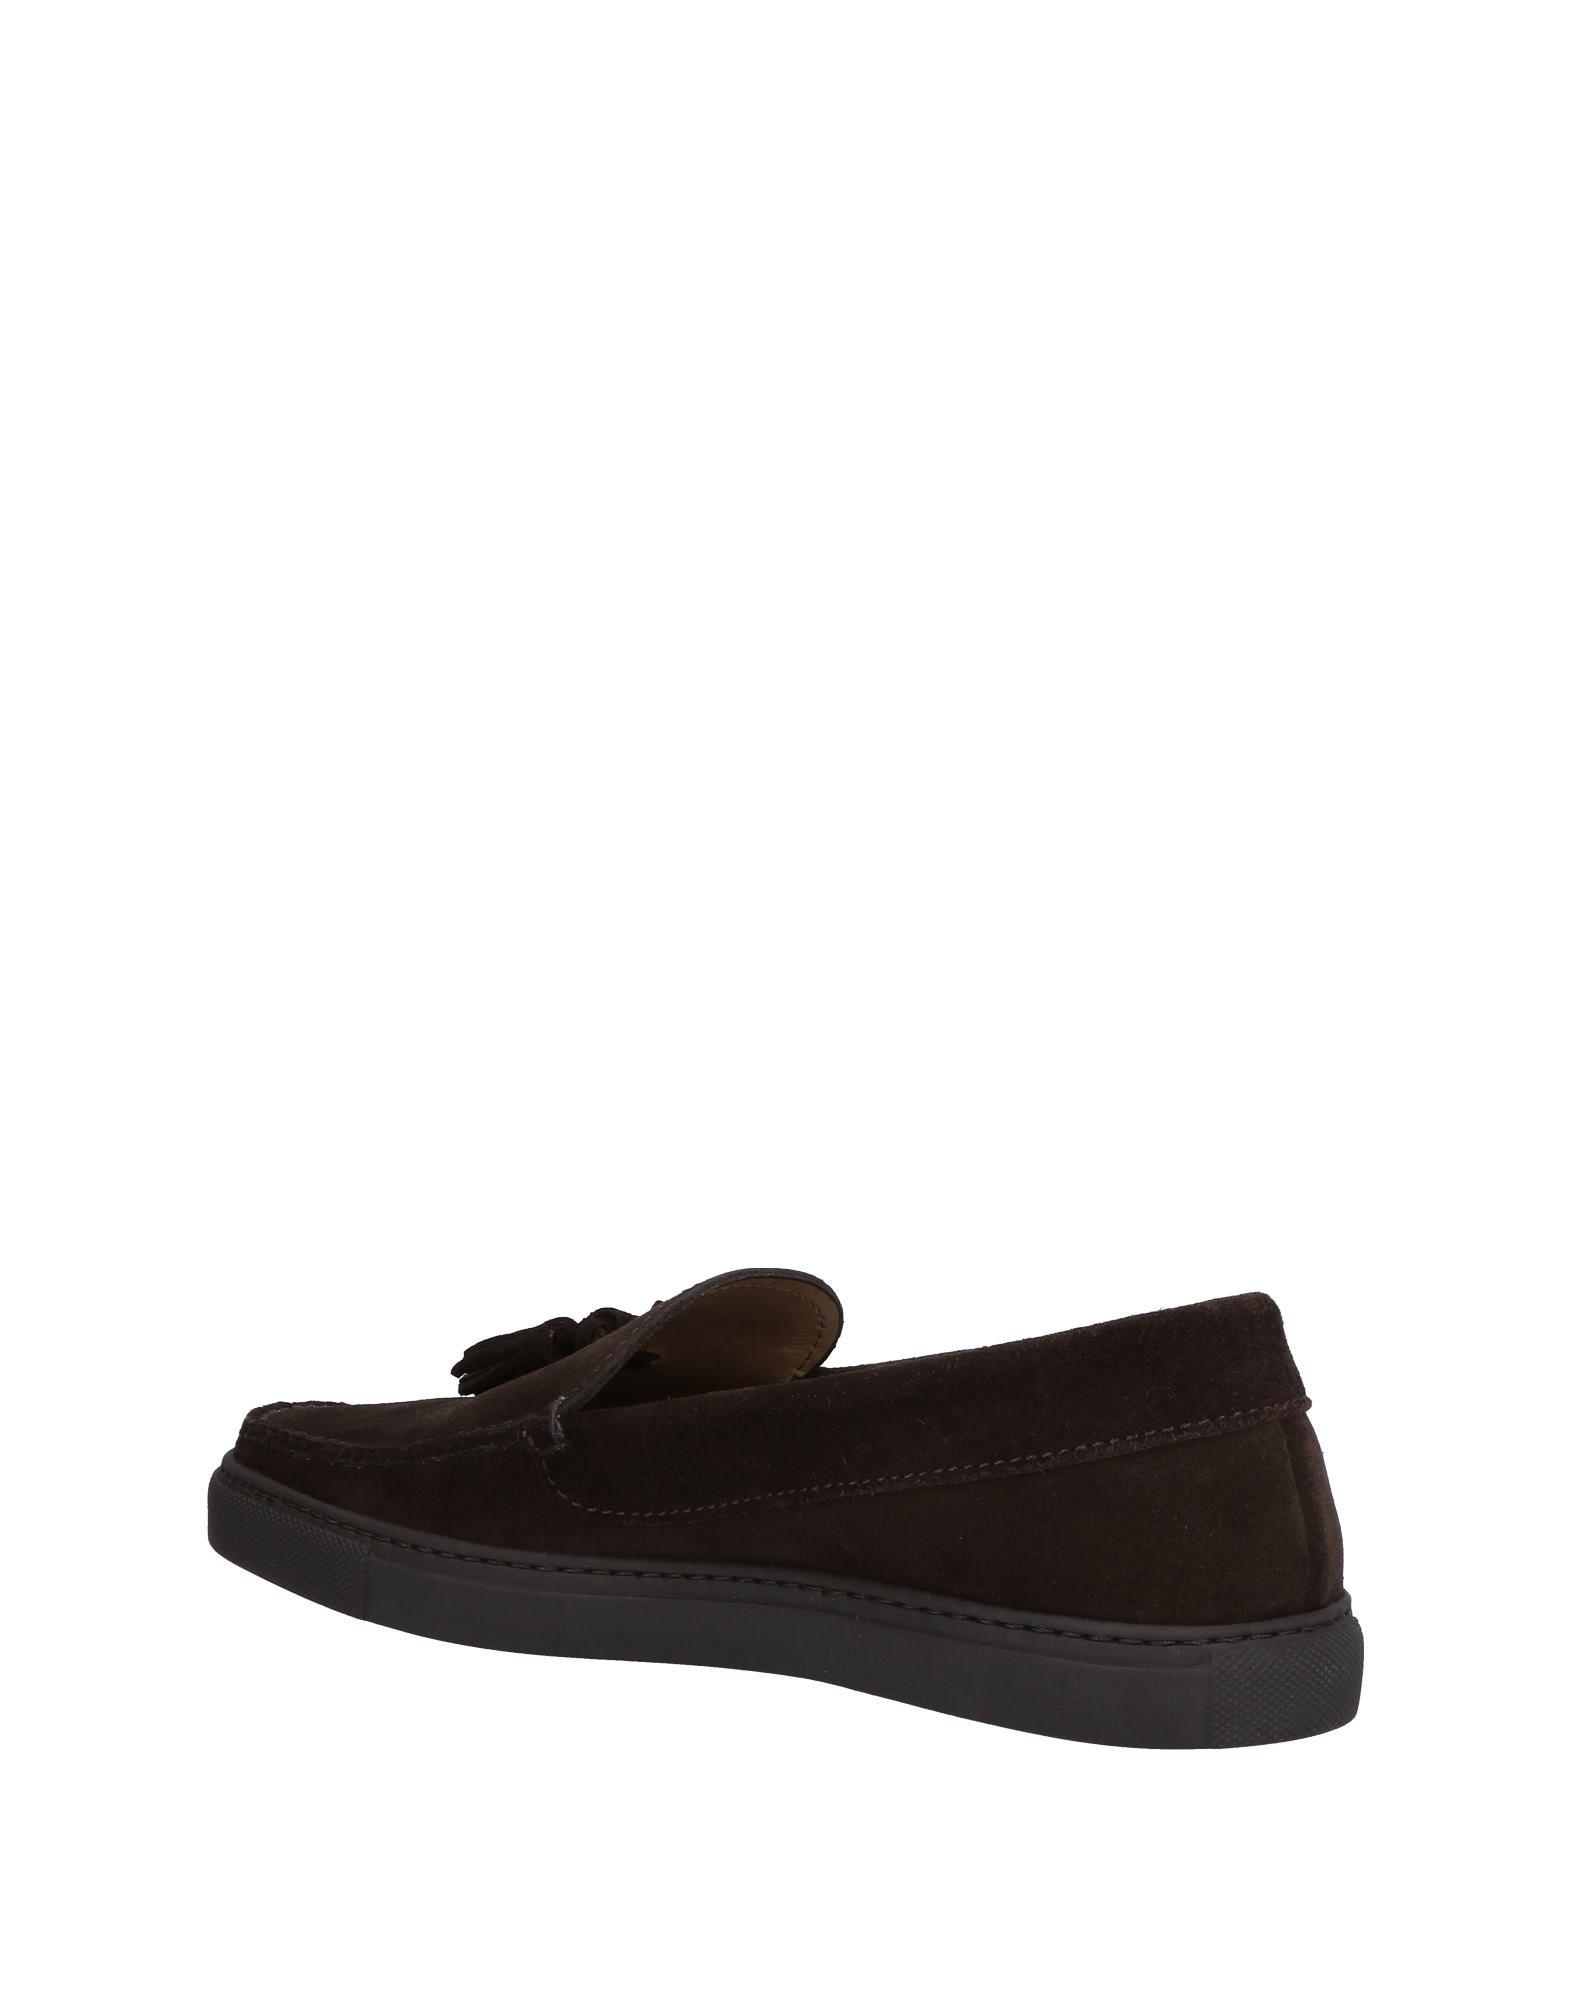 Arfango Mokassins Herren  11458660PI Schuhe Gute Qualität beliebte Schuhe 11458660PI 72a735